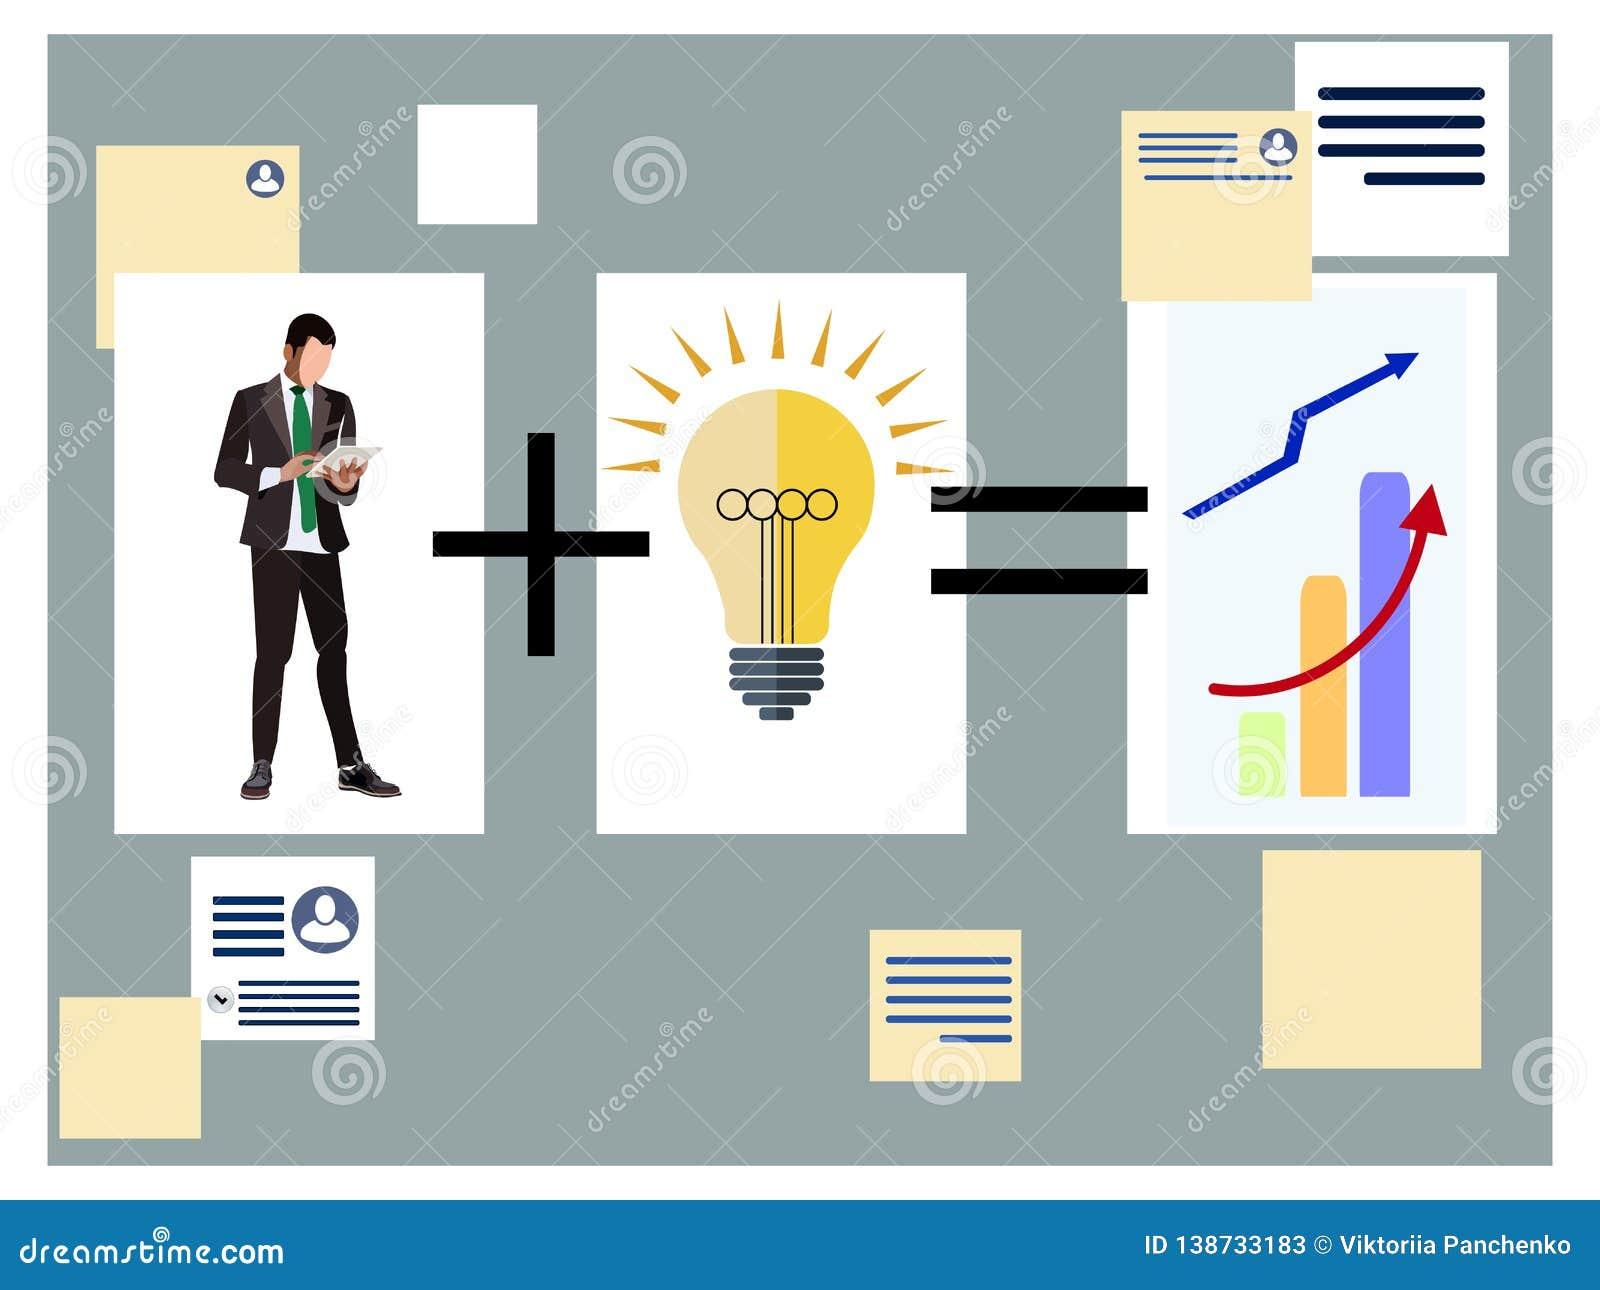 Схема на стене Работник офиса плюс хорошая идея, равный доход Проведение роста Плоский равновеликий вектор